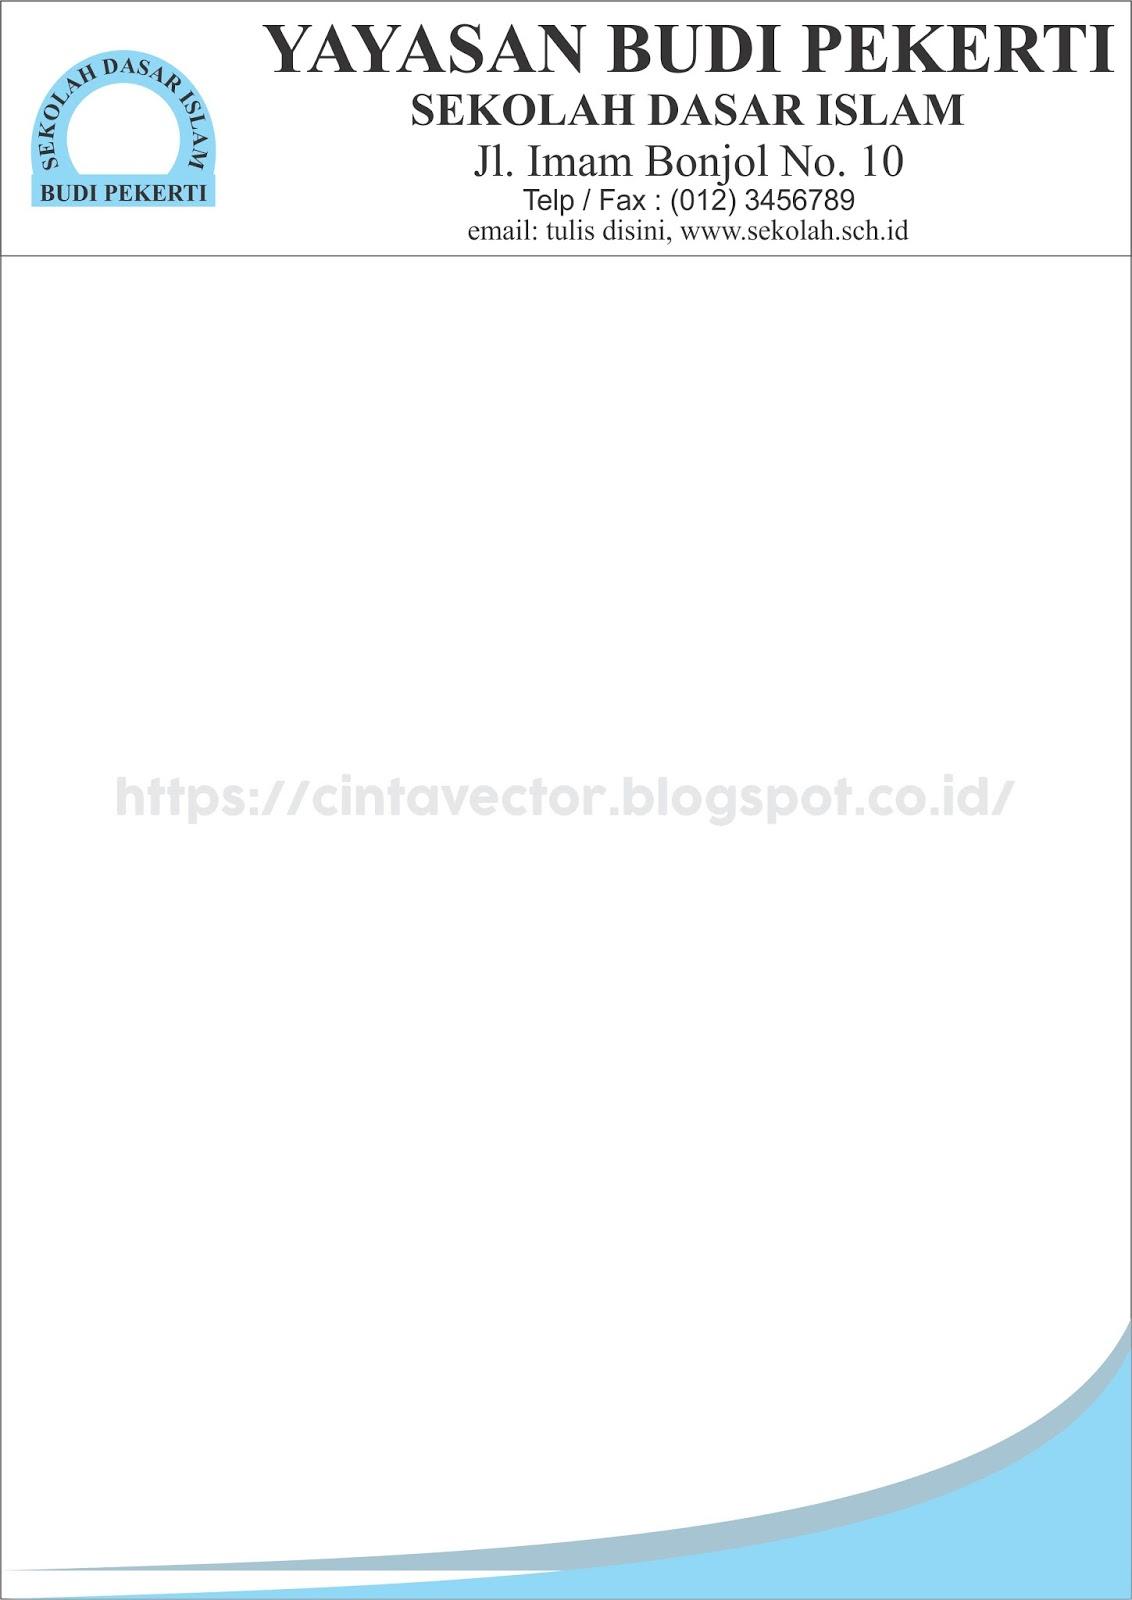 Contoh Kop Surat Yayasan : contoh, surat, yayasan, Contoh, Surat, Yayasan